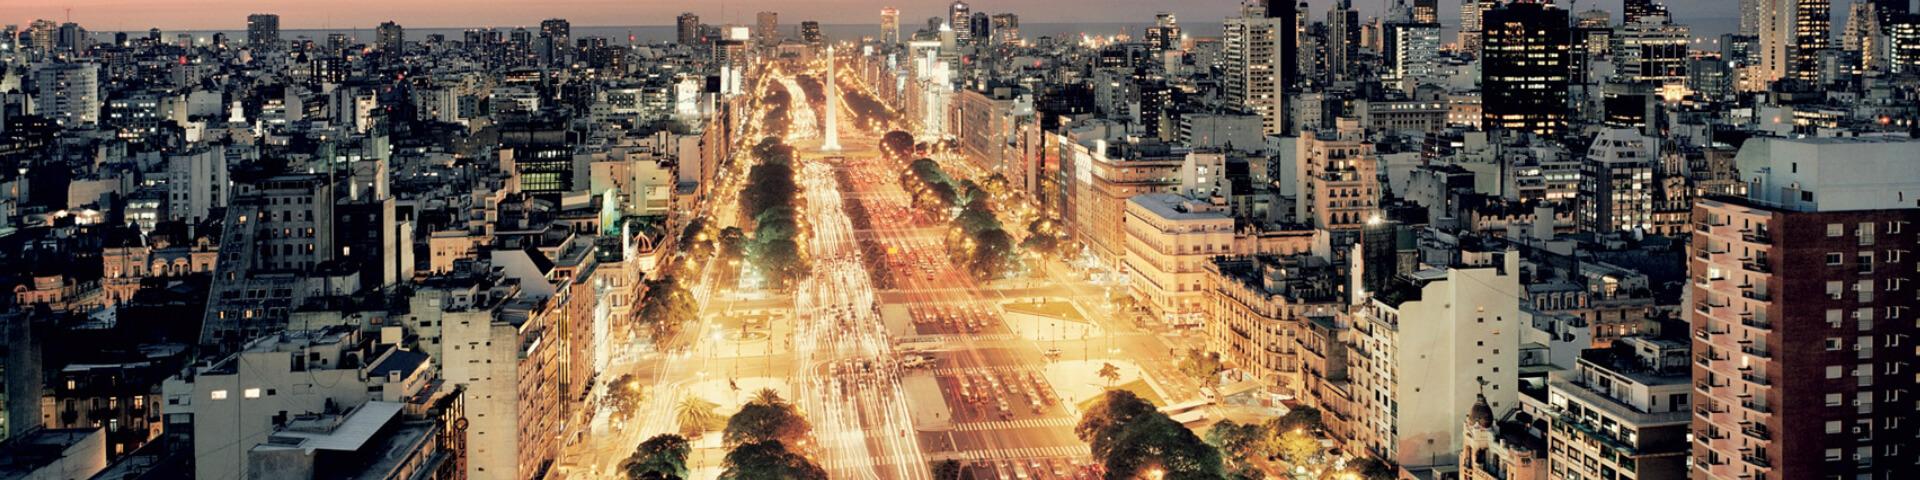 В Буэнос-Айресе легализовали беттинг